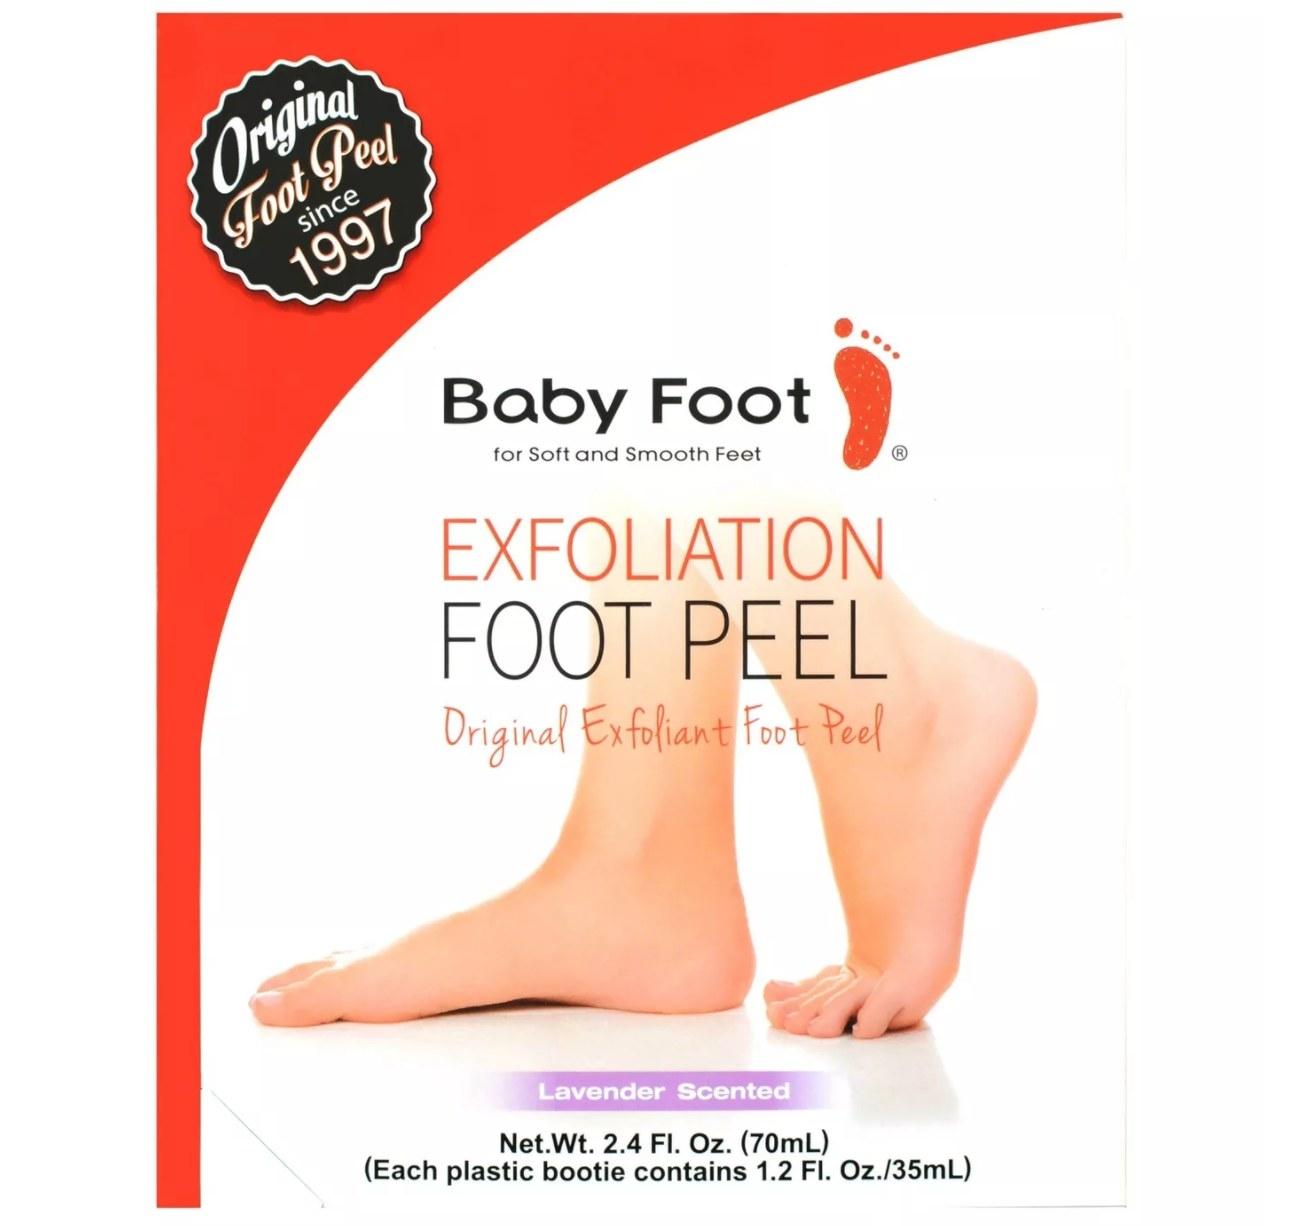 The foot peel